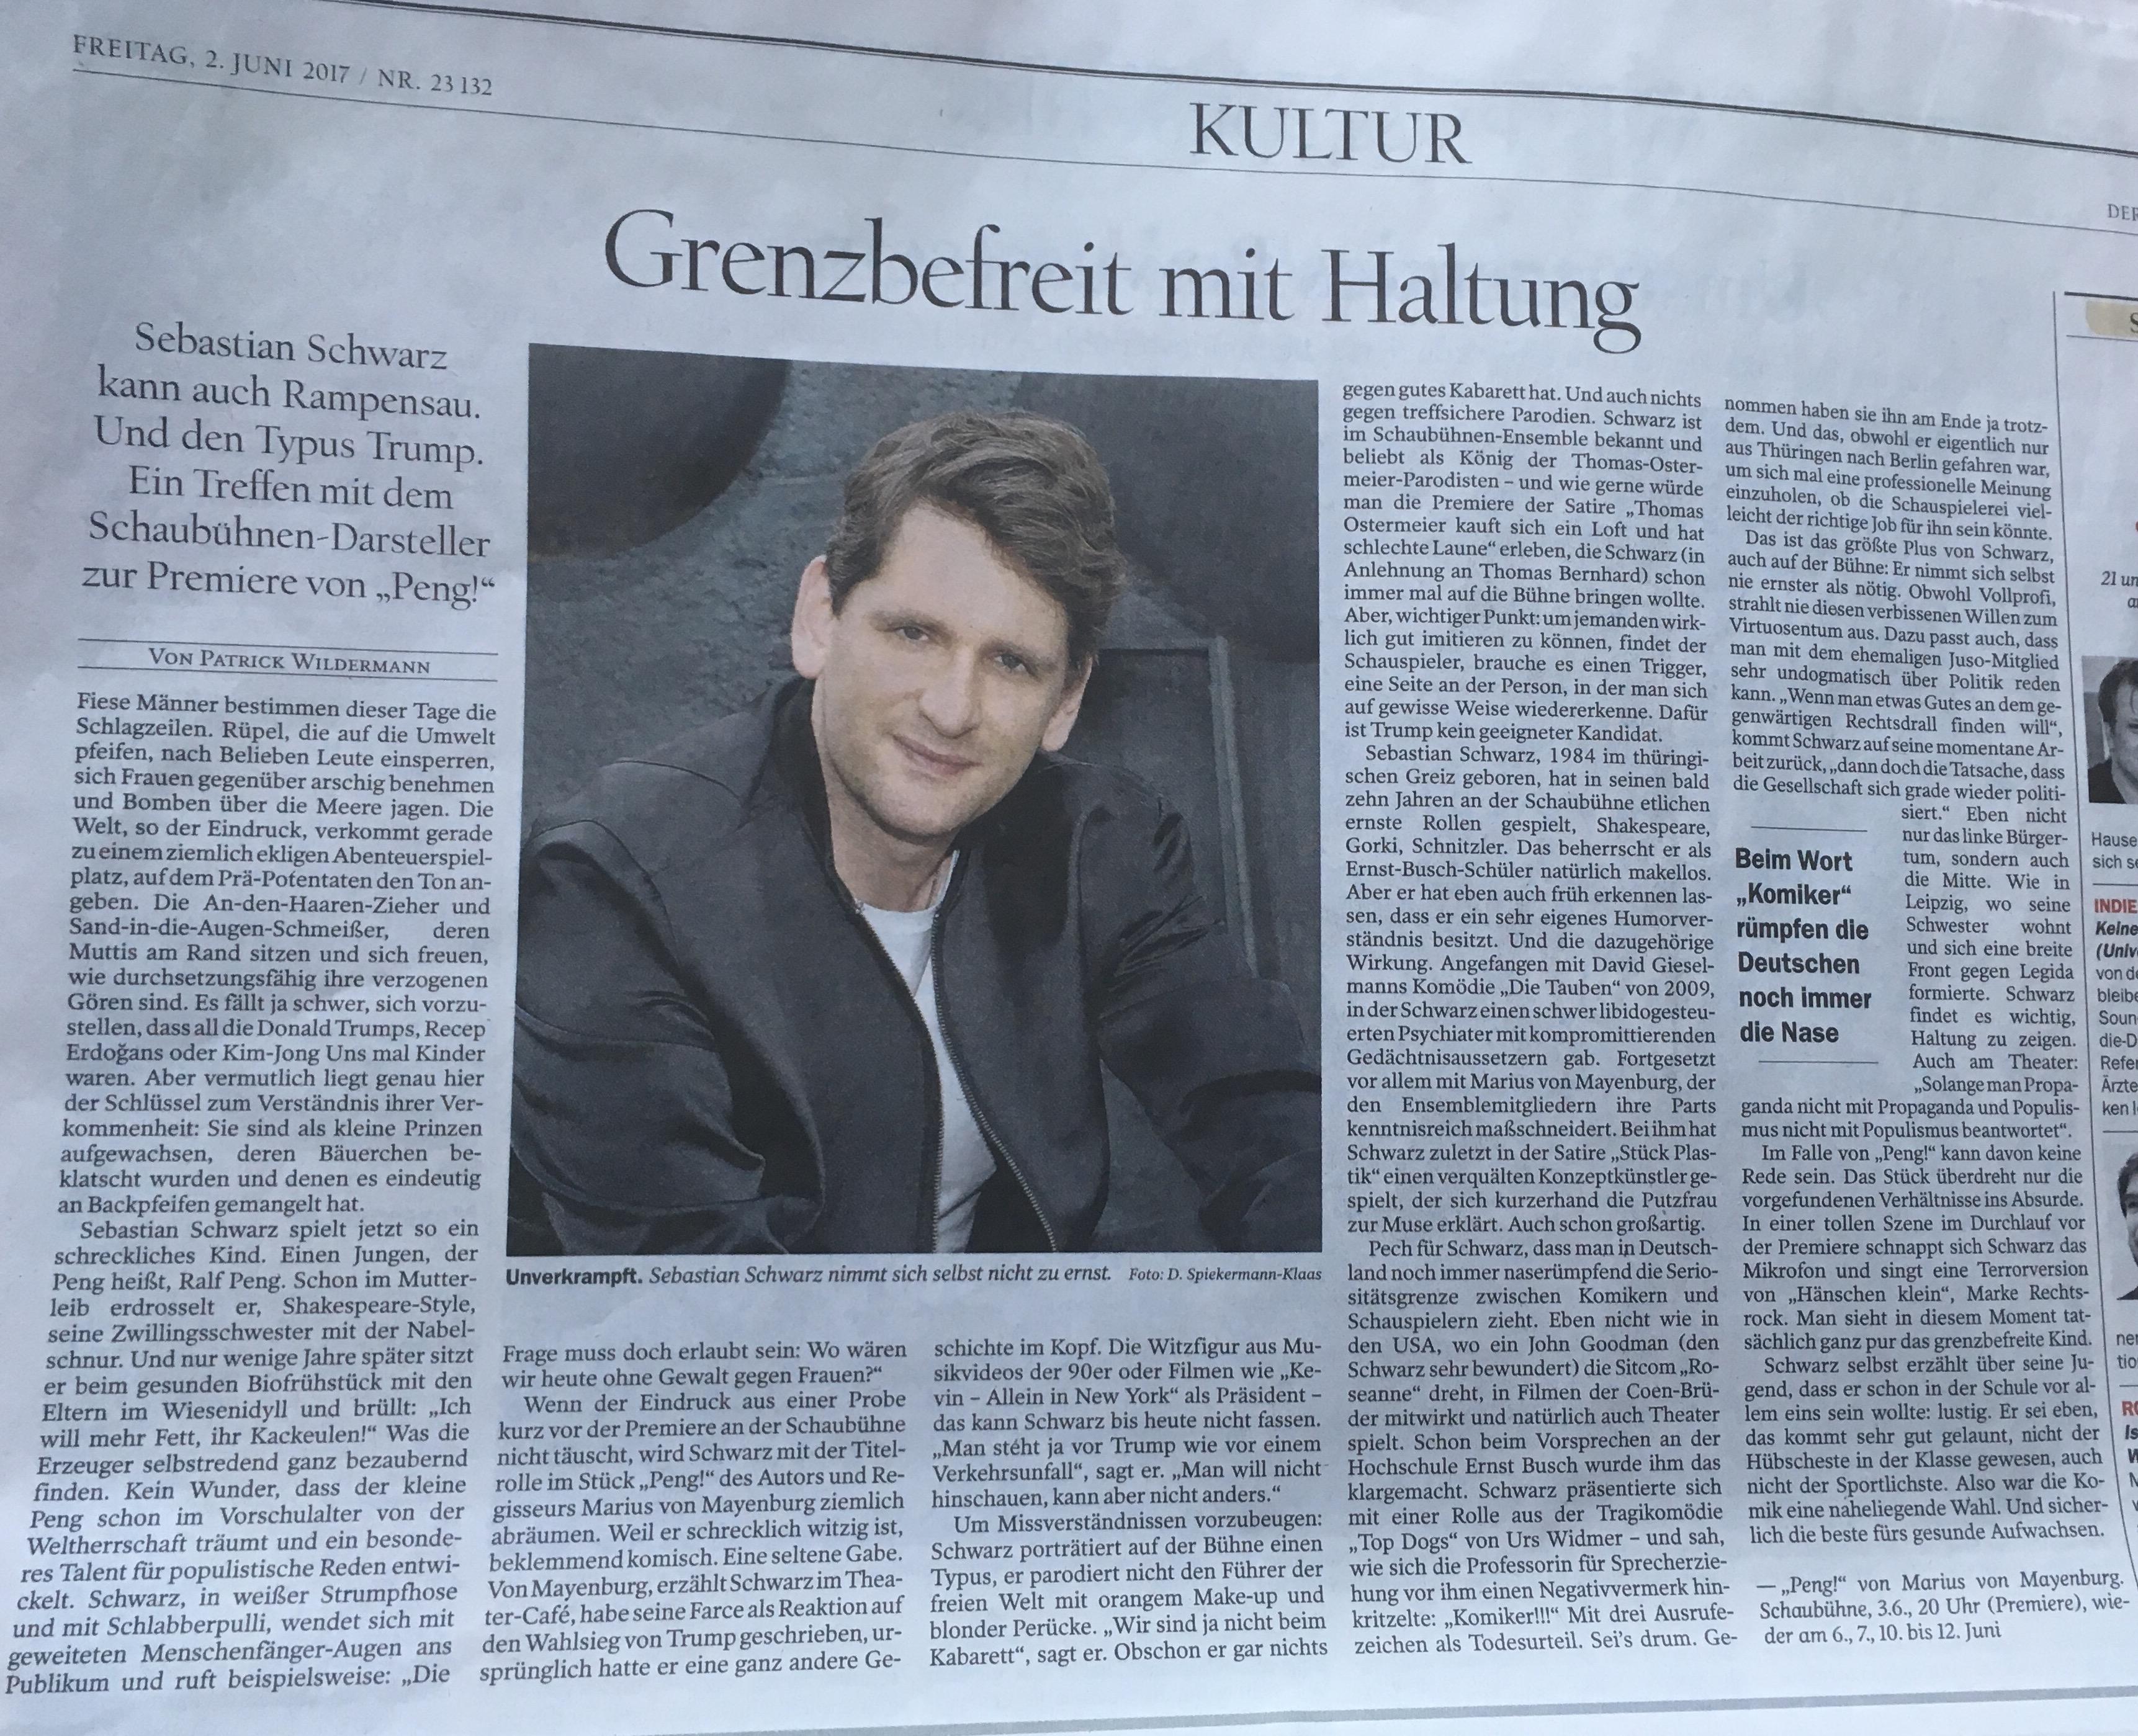 Sebastian Schwarz @ Tagesspiegel